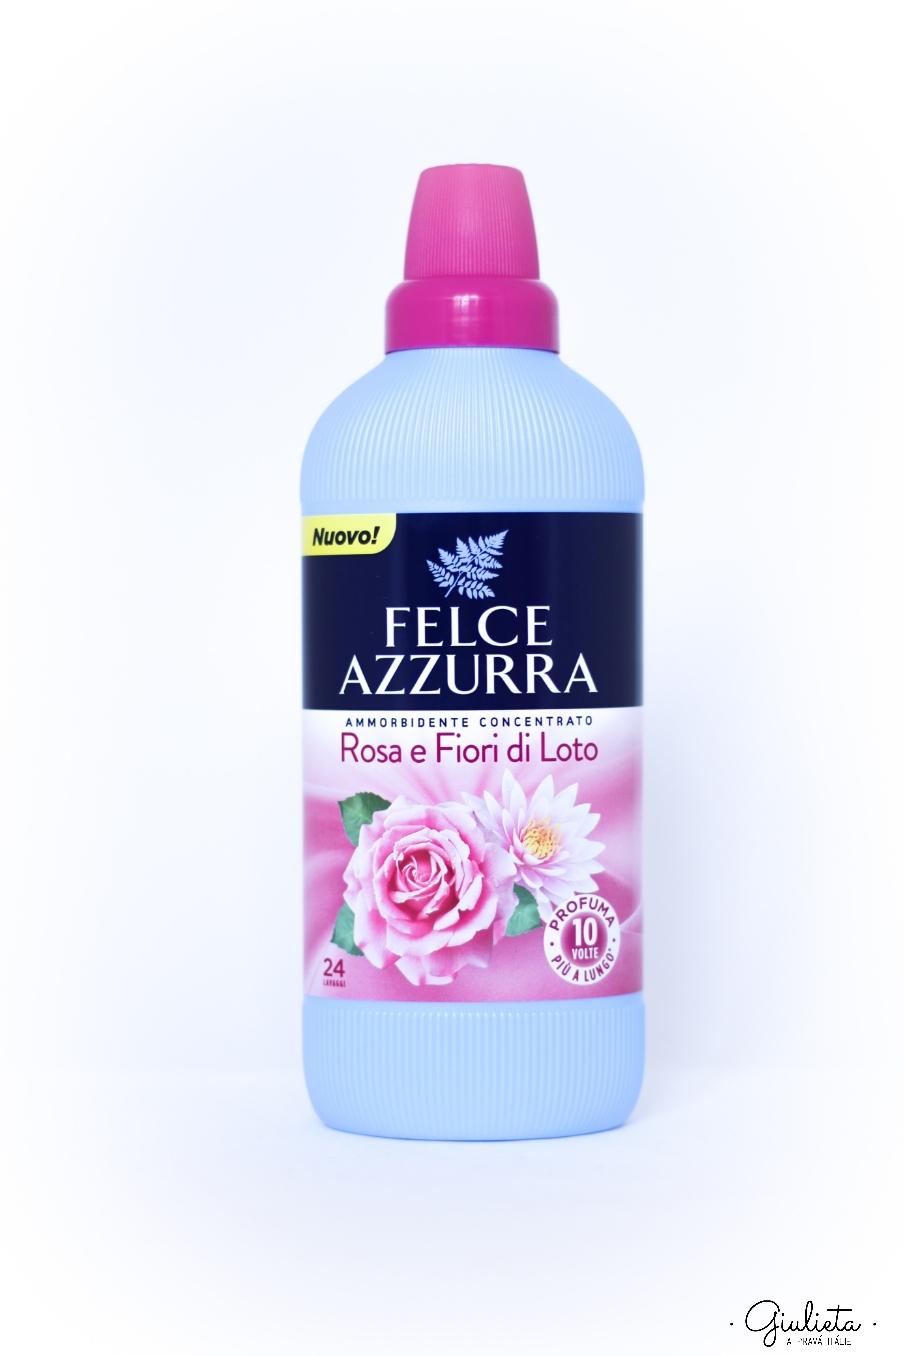 Felce Azzurra aviváž koncentrát s vůní růží a lotosového květu, 600 ml